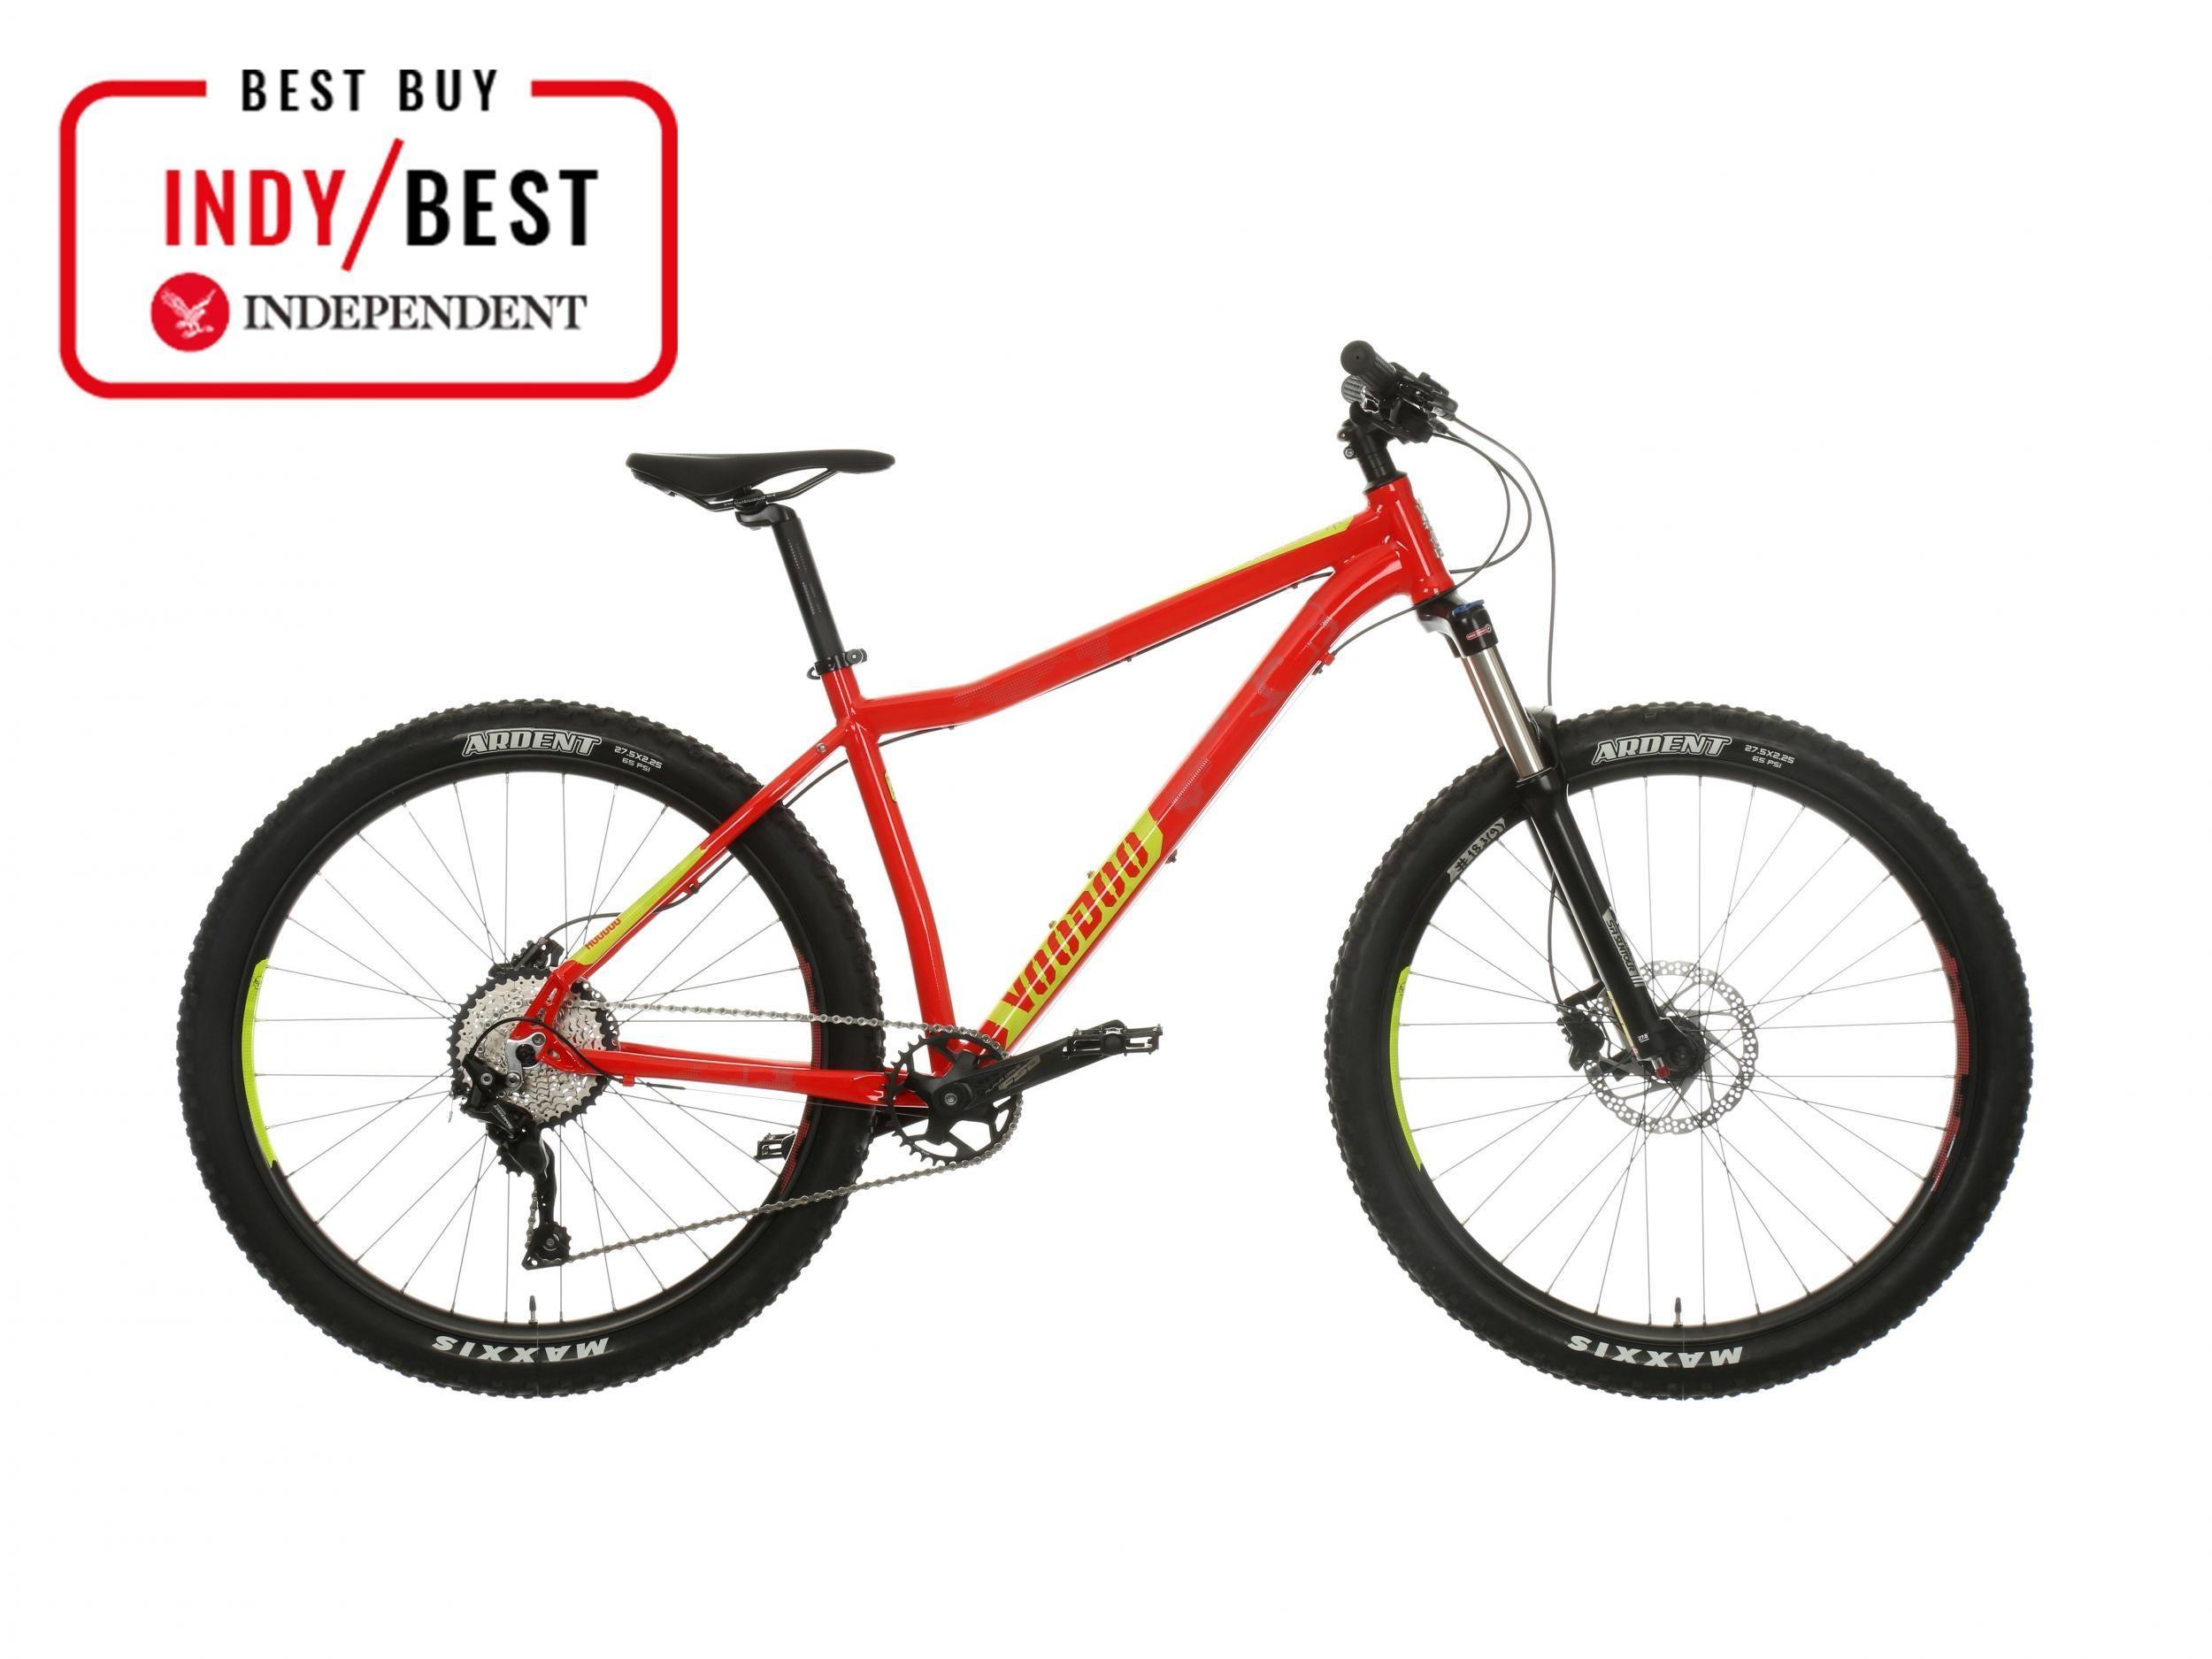 Voodoo Hoodoo mens mountain bike  £550 cd0d80acc